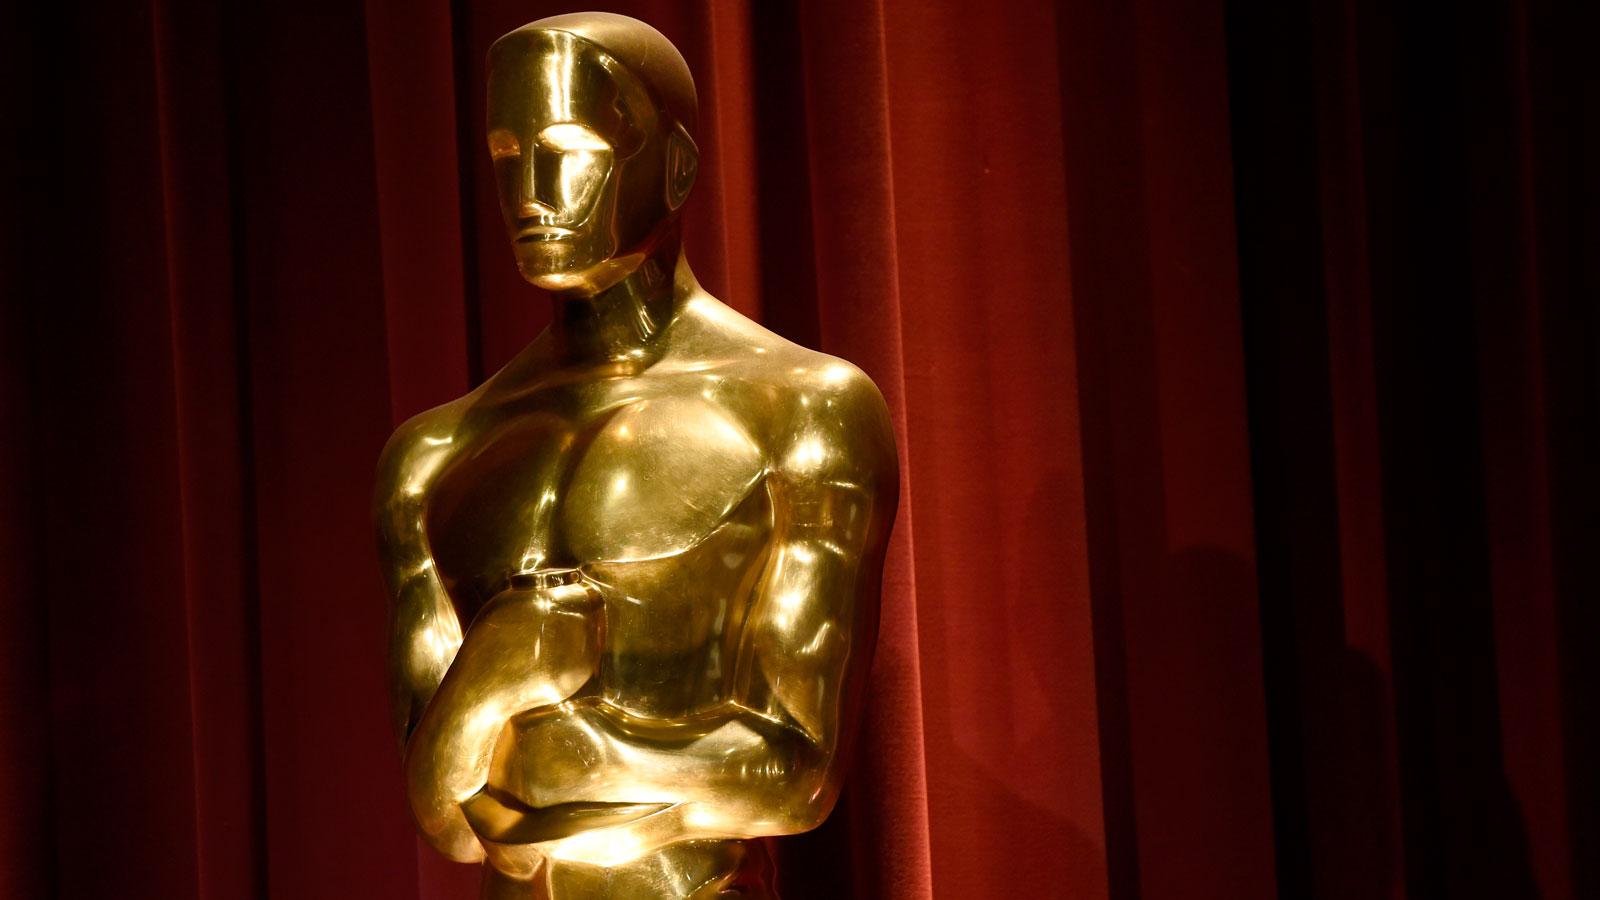 Ünlü Oyuncu Homofobik Söylemleri Yüzünden Oscar Ödül Töreni'ni Sunmaktan Vazgeçti